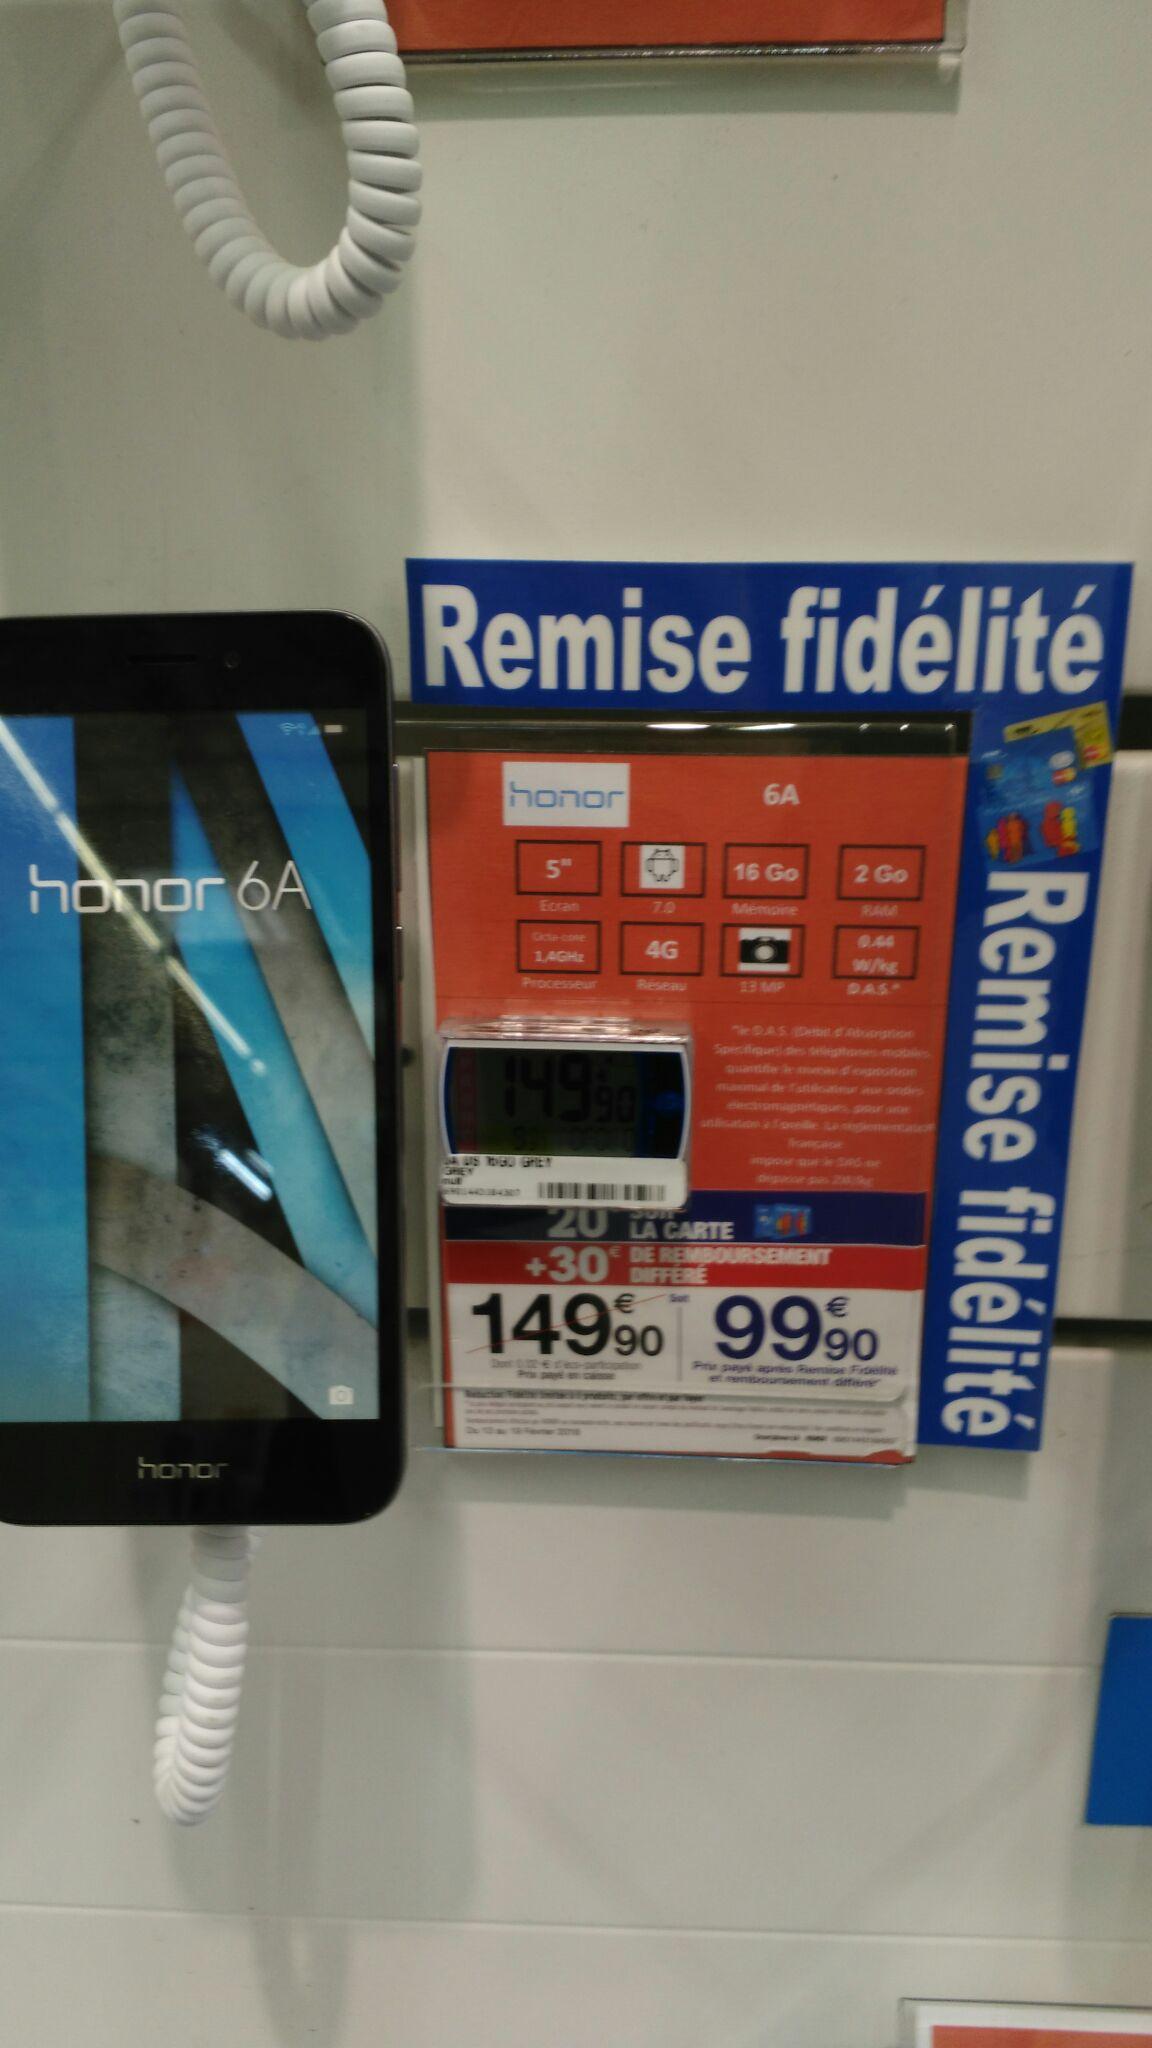 Smartphone Honor 6A - Double SIM - 16 Go - Argent(Via 20€ sur la carte et 30€ en ODR) - Wasquehal (59)